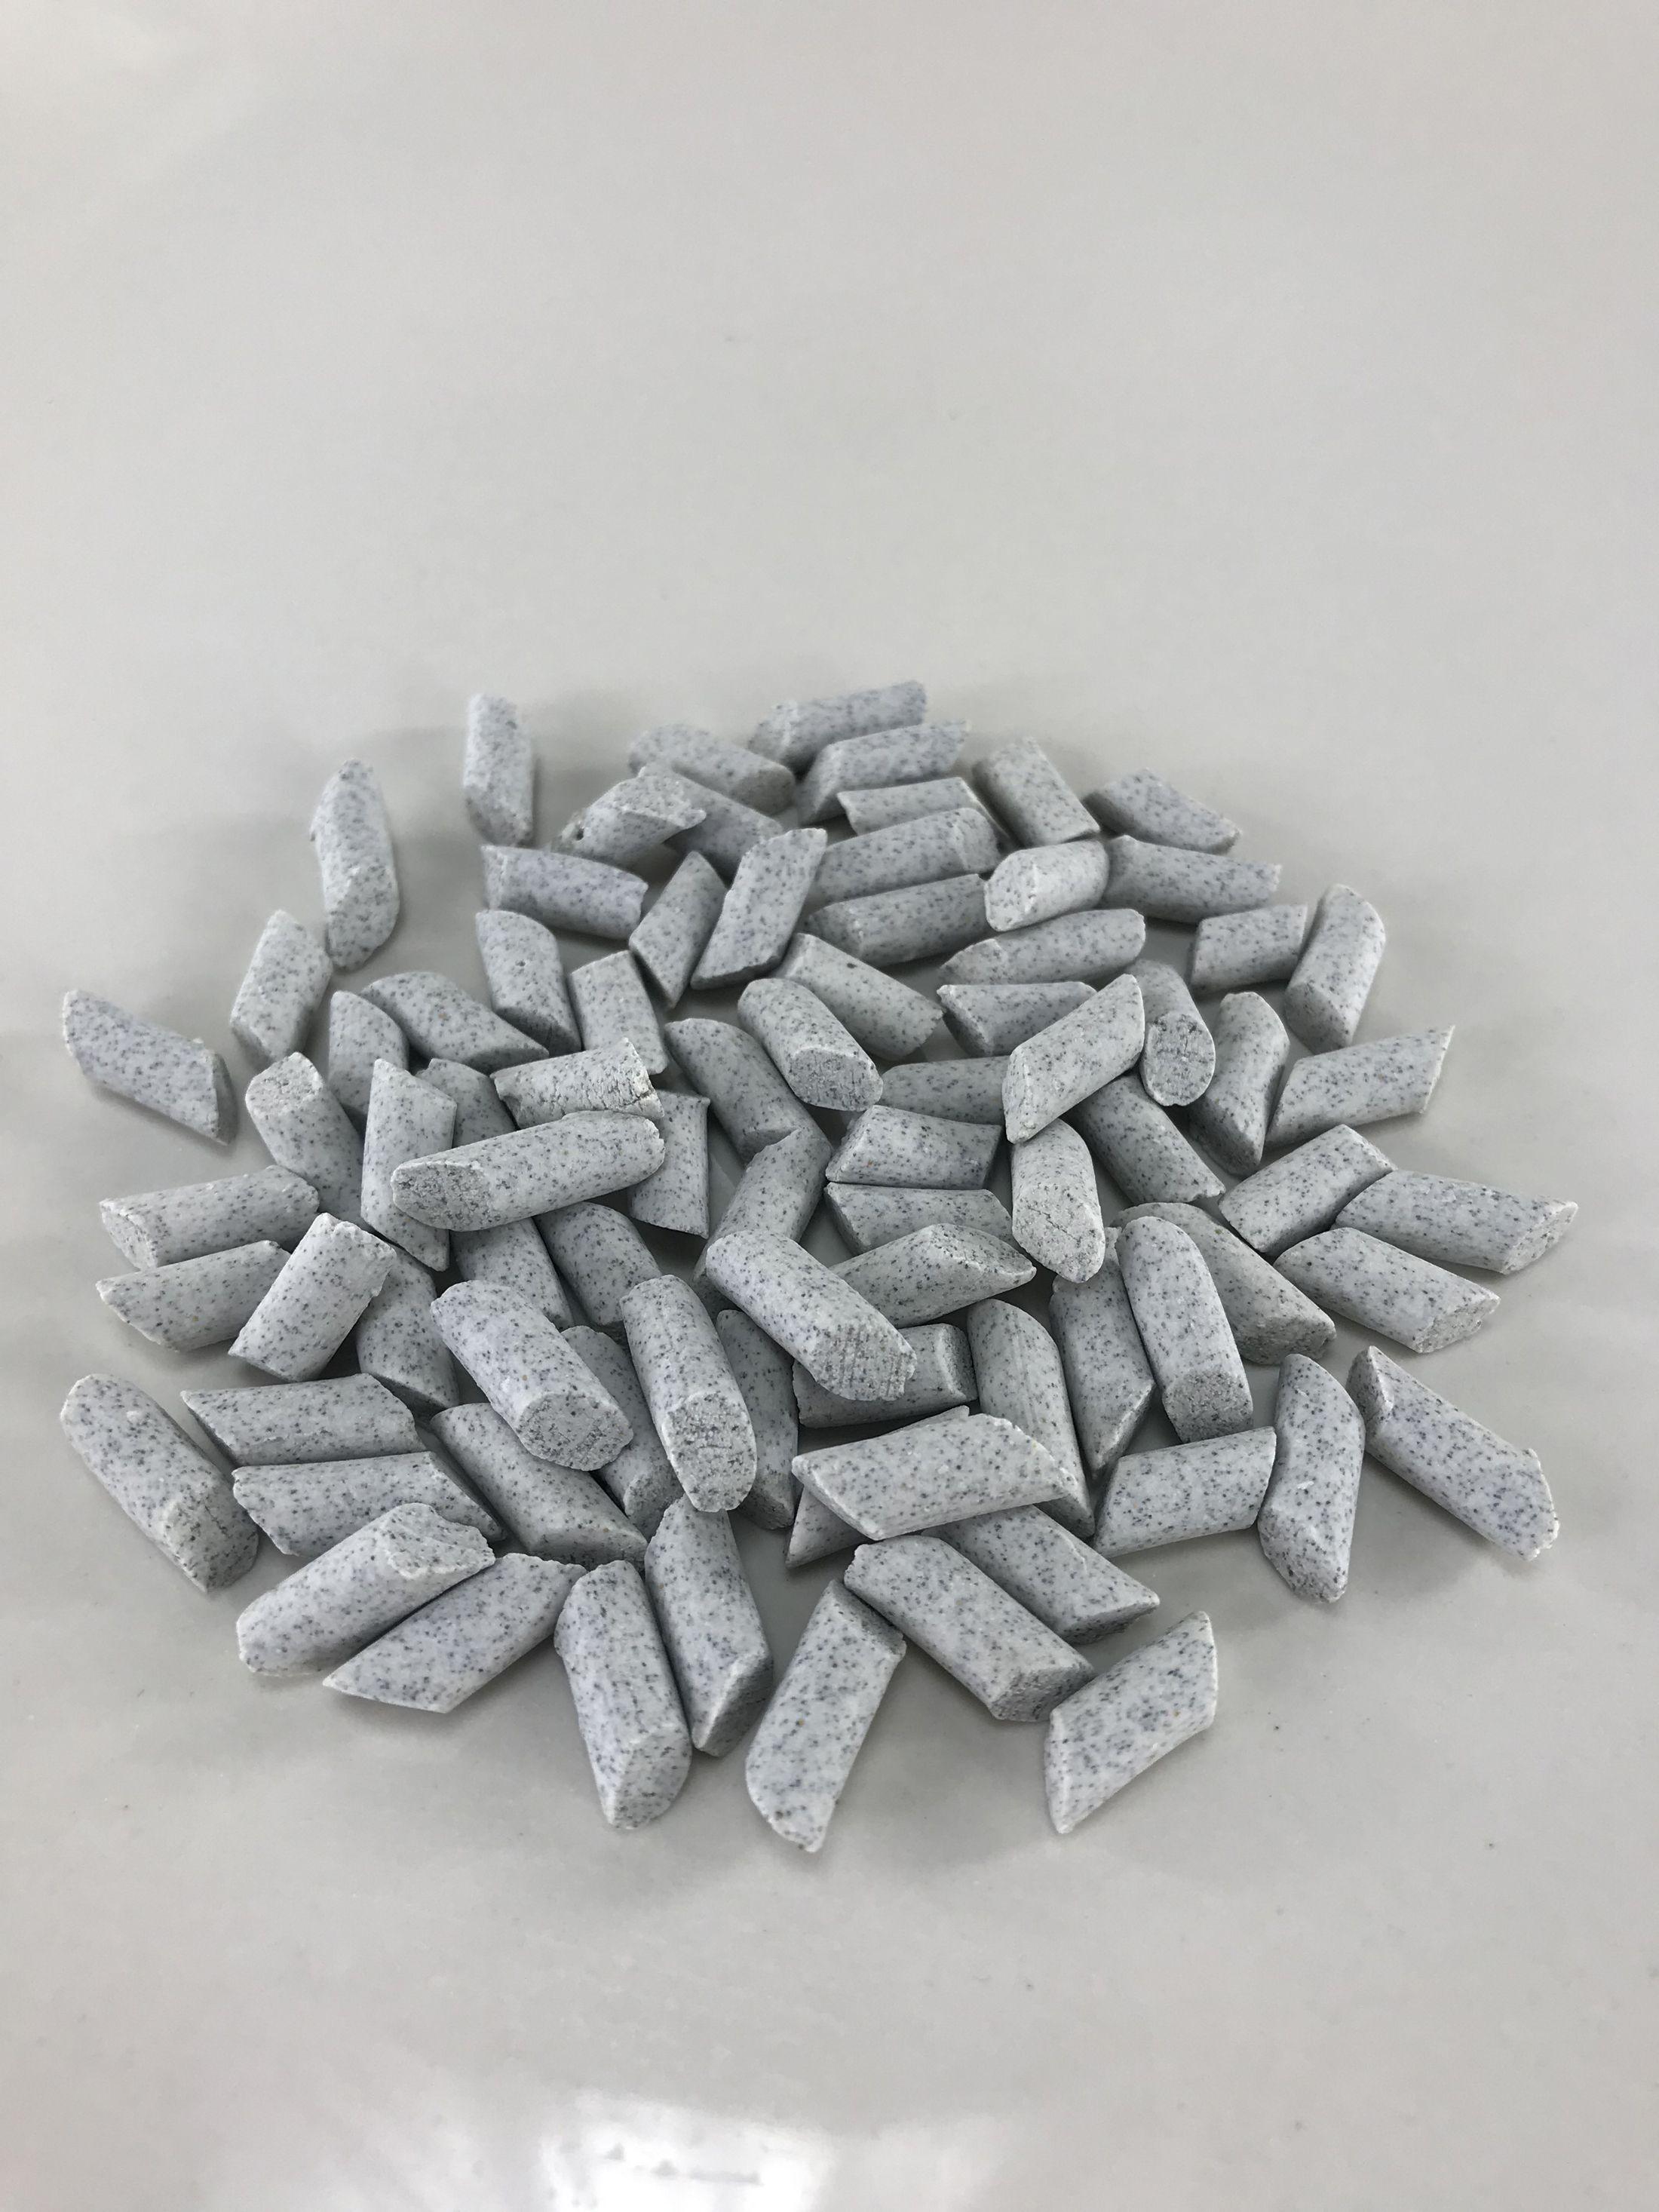 1LB Schmuck Polieren Media Rock Tumbler Lapidar Füllstoff Polnischen für Jade/Achat/Bernstein/Holz Perlen